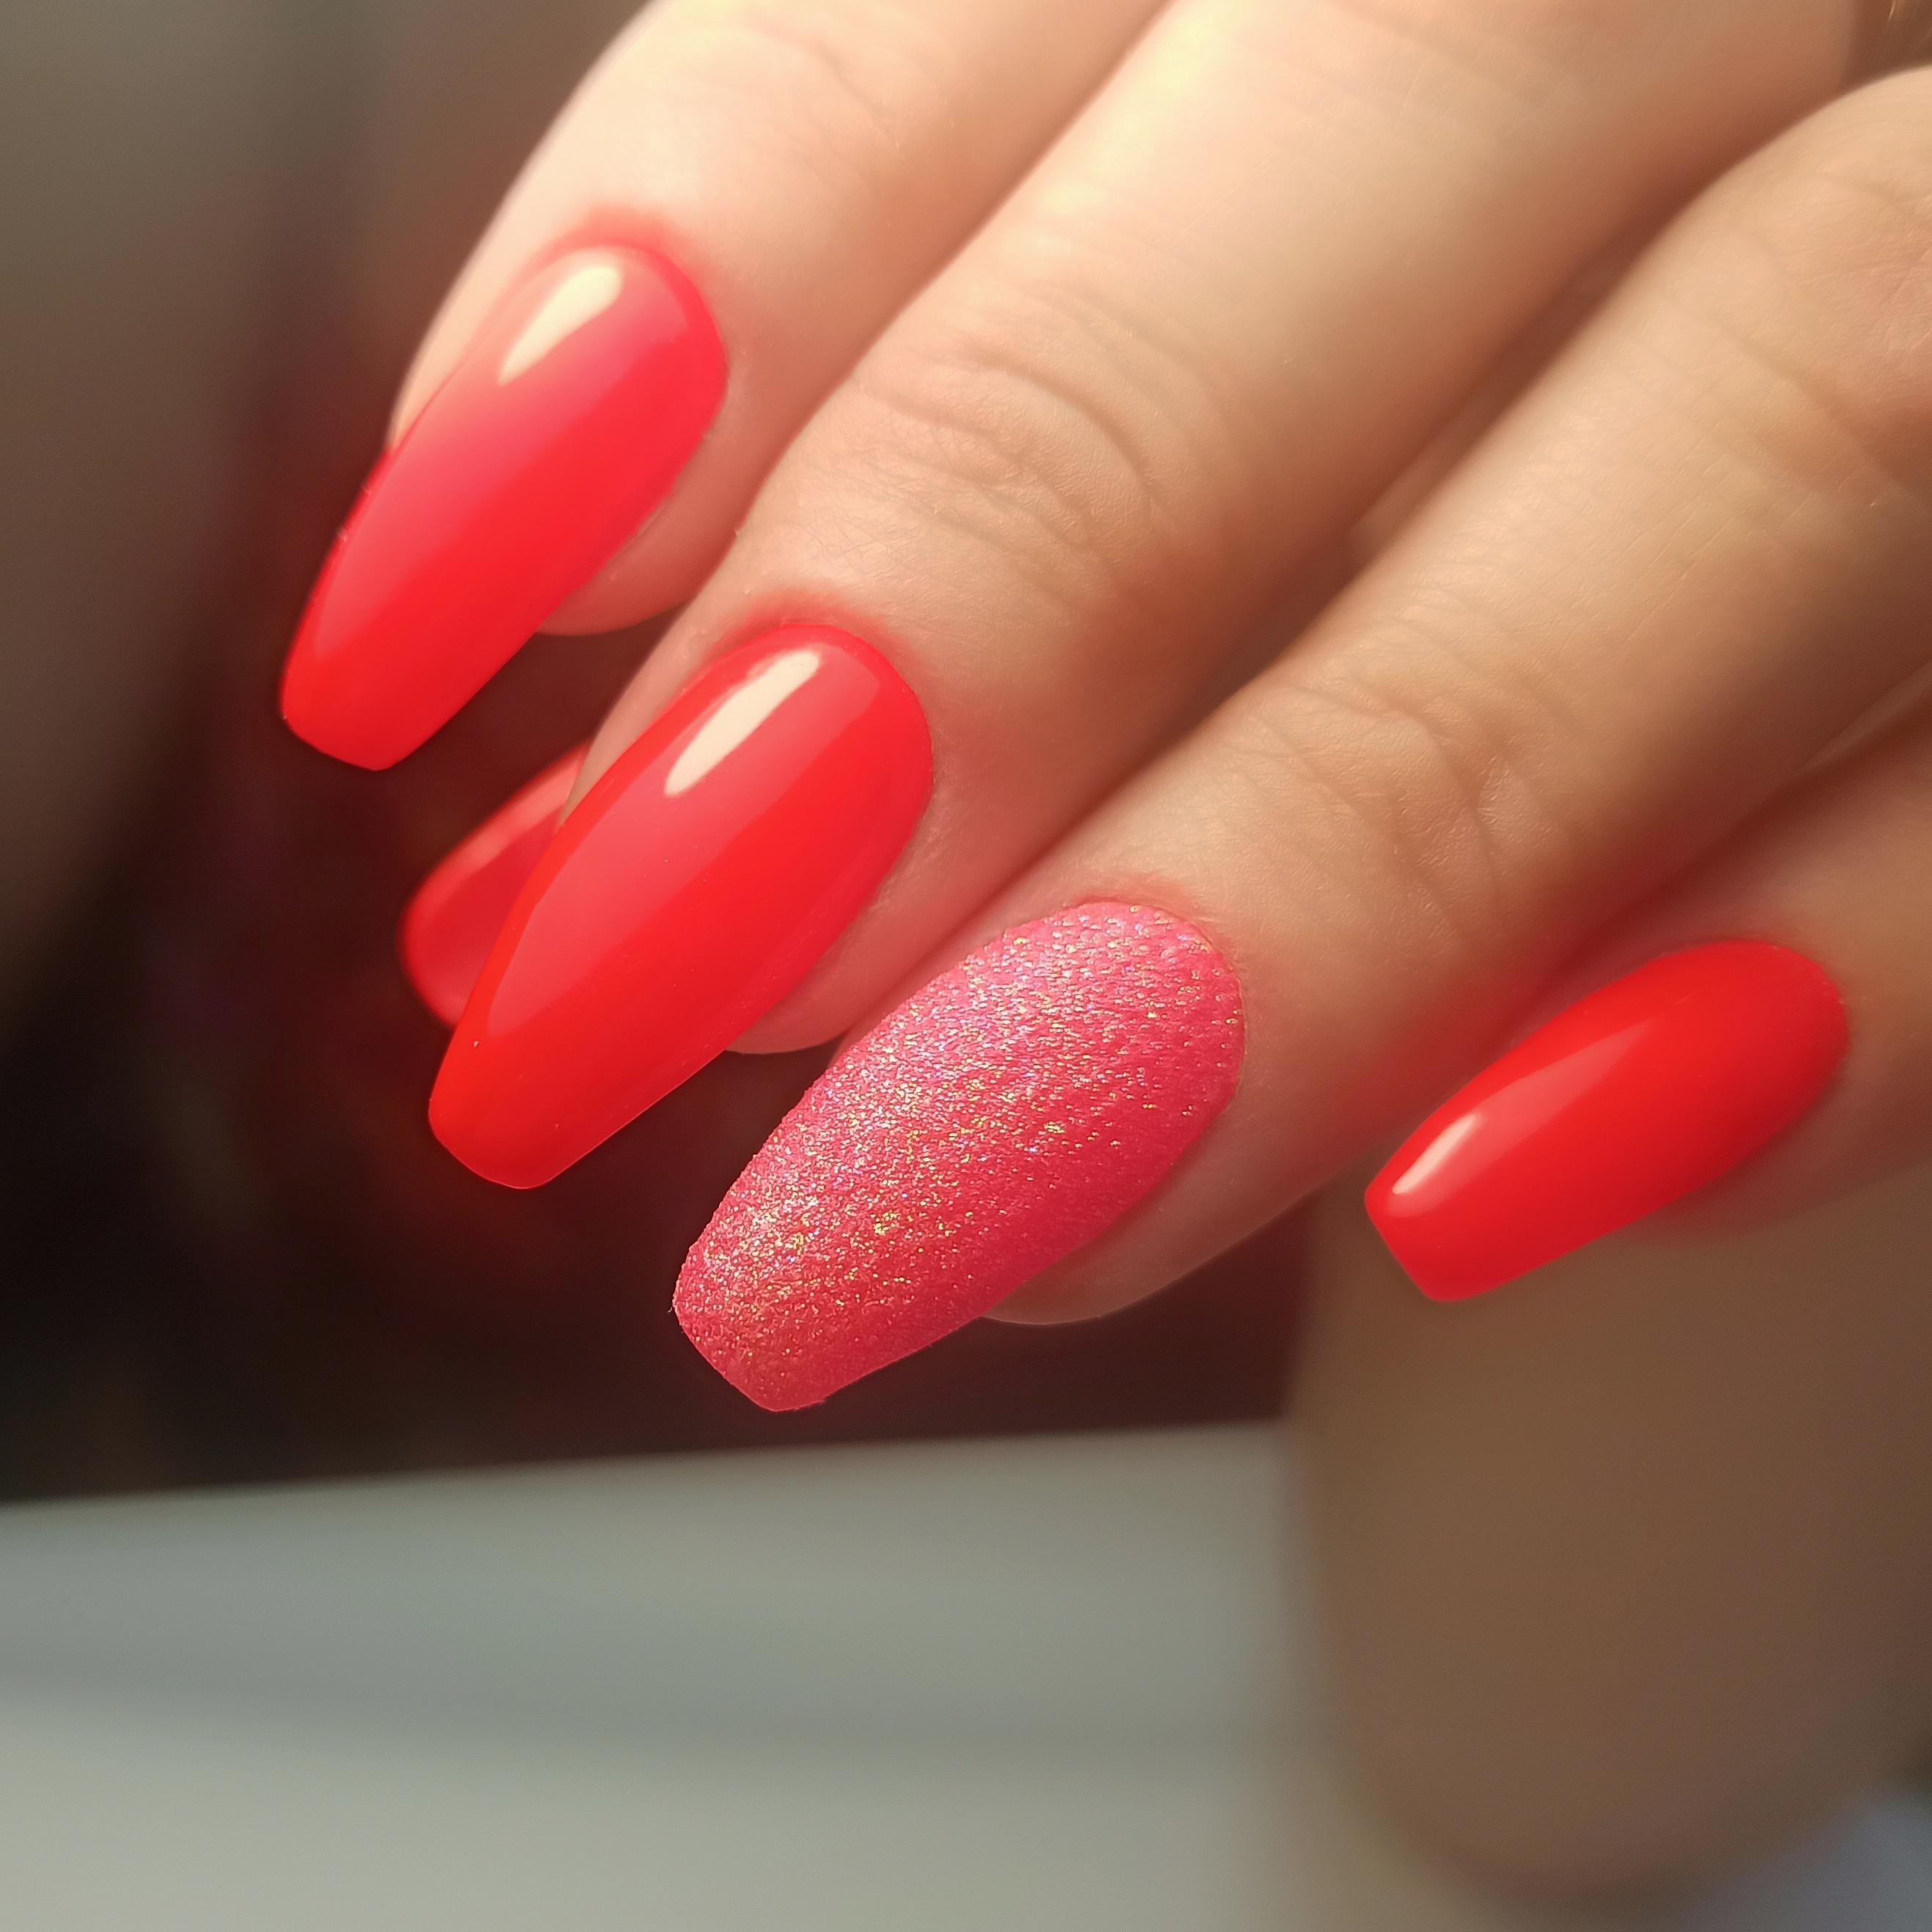 Маникюр с песочным дизайном в красном цвете на длинные ногти.